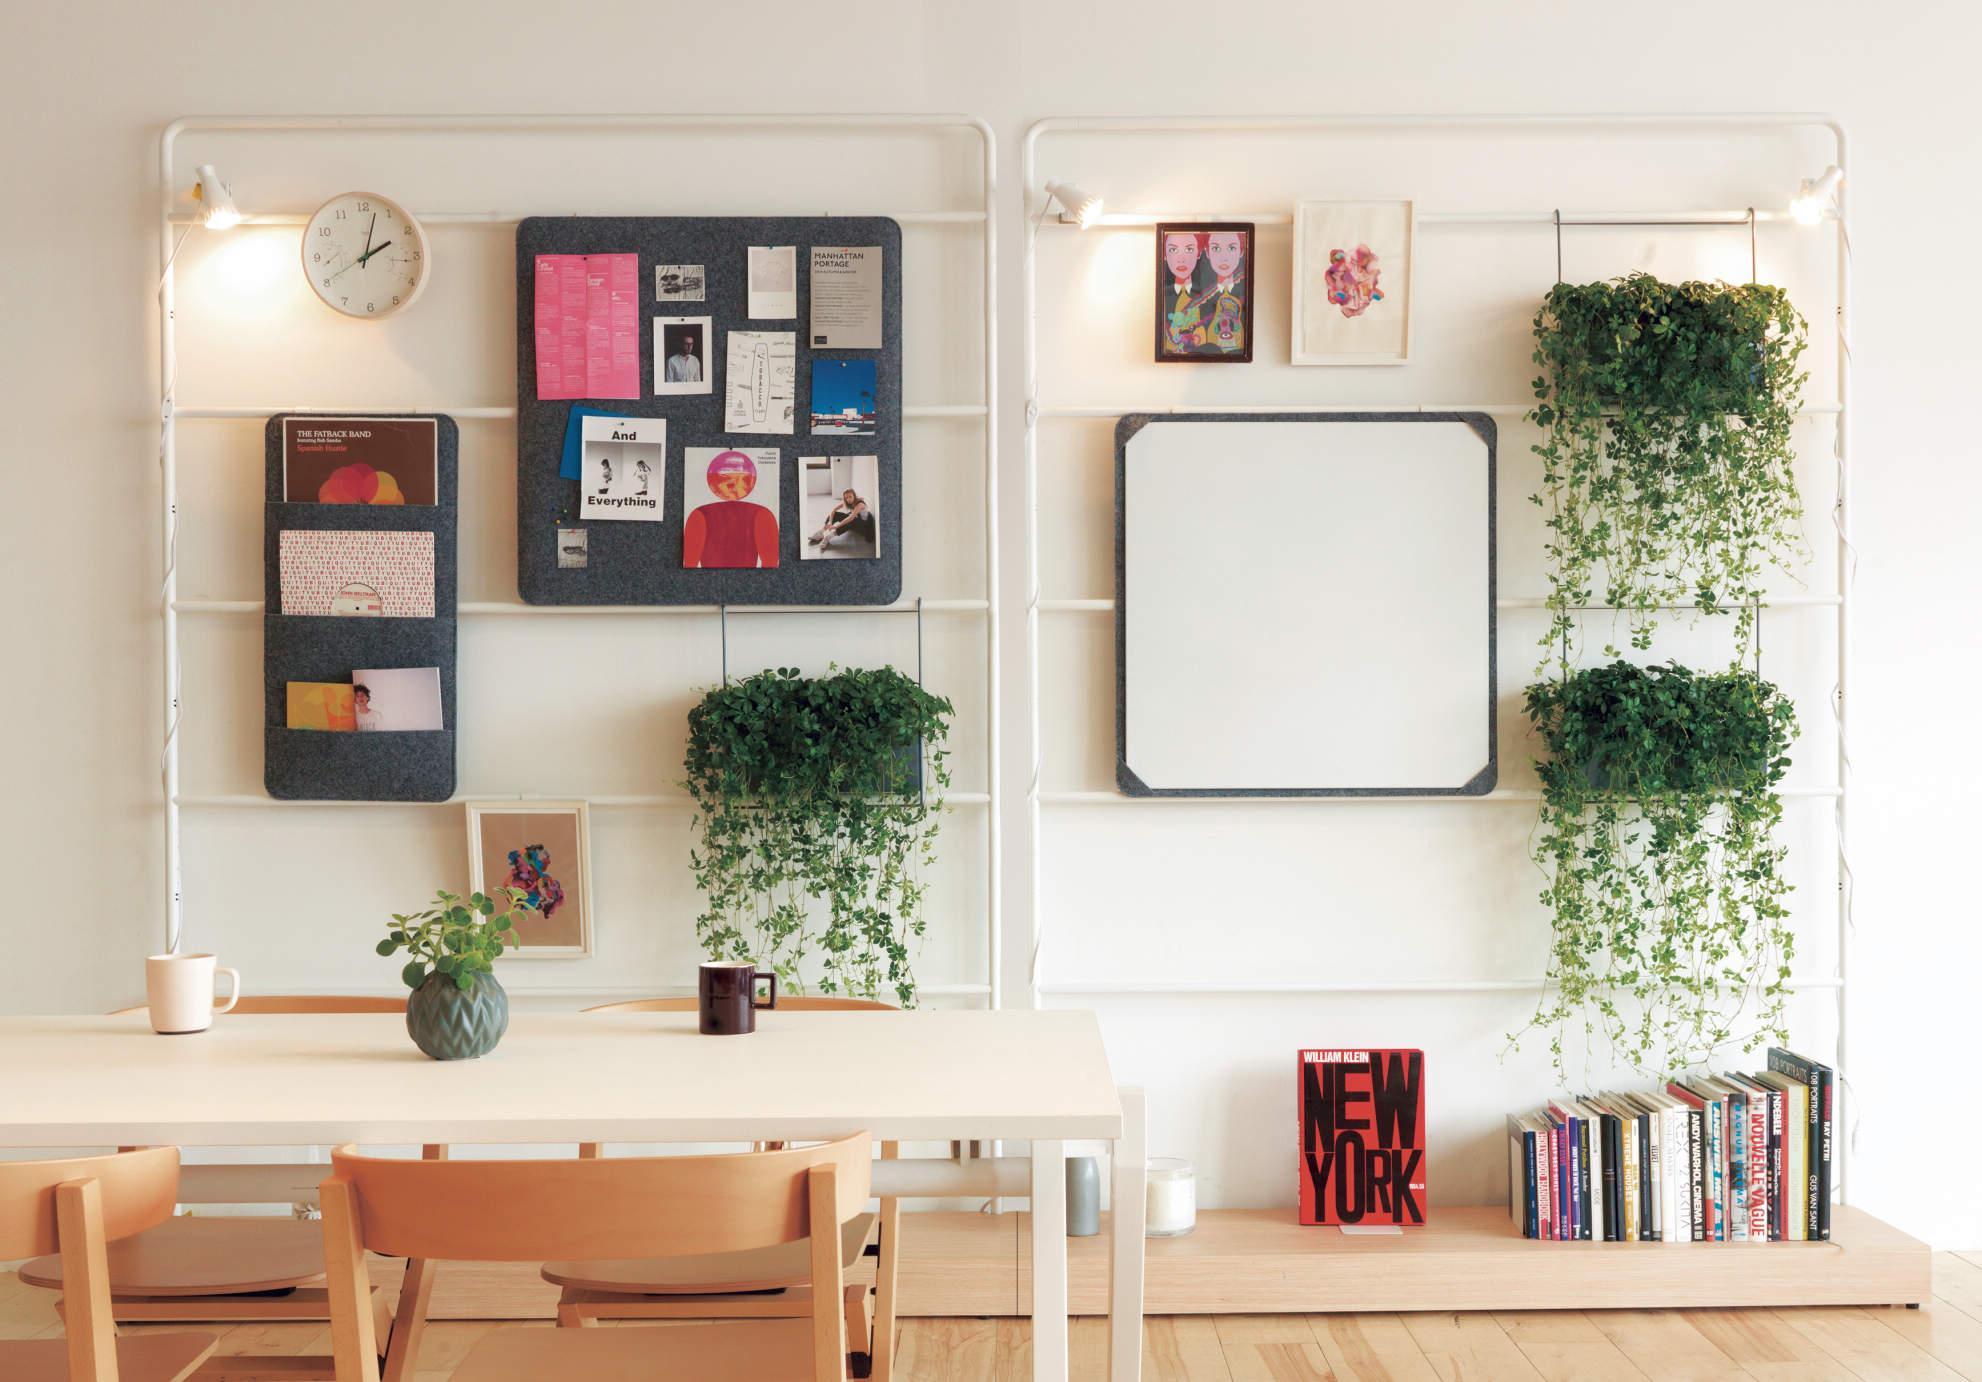 グリーンを壁に飾ったオフィス